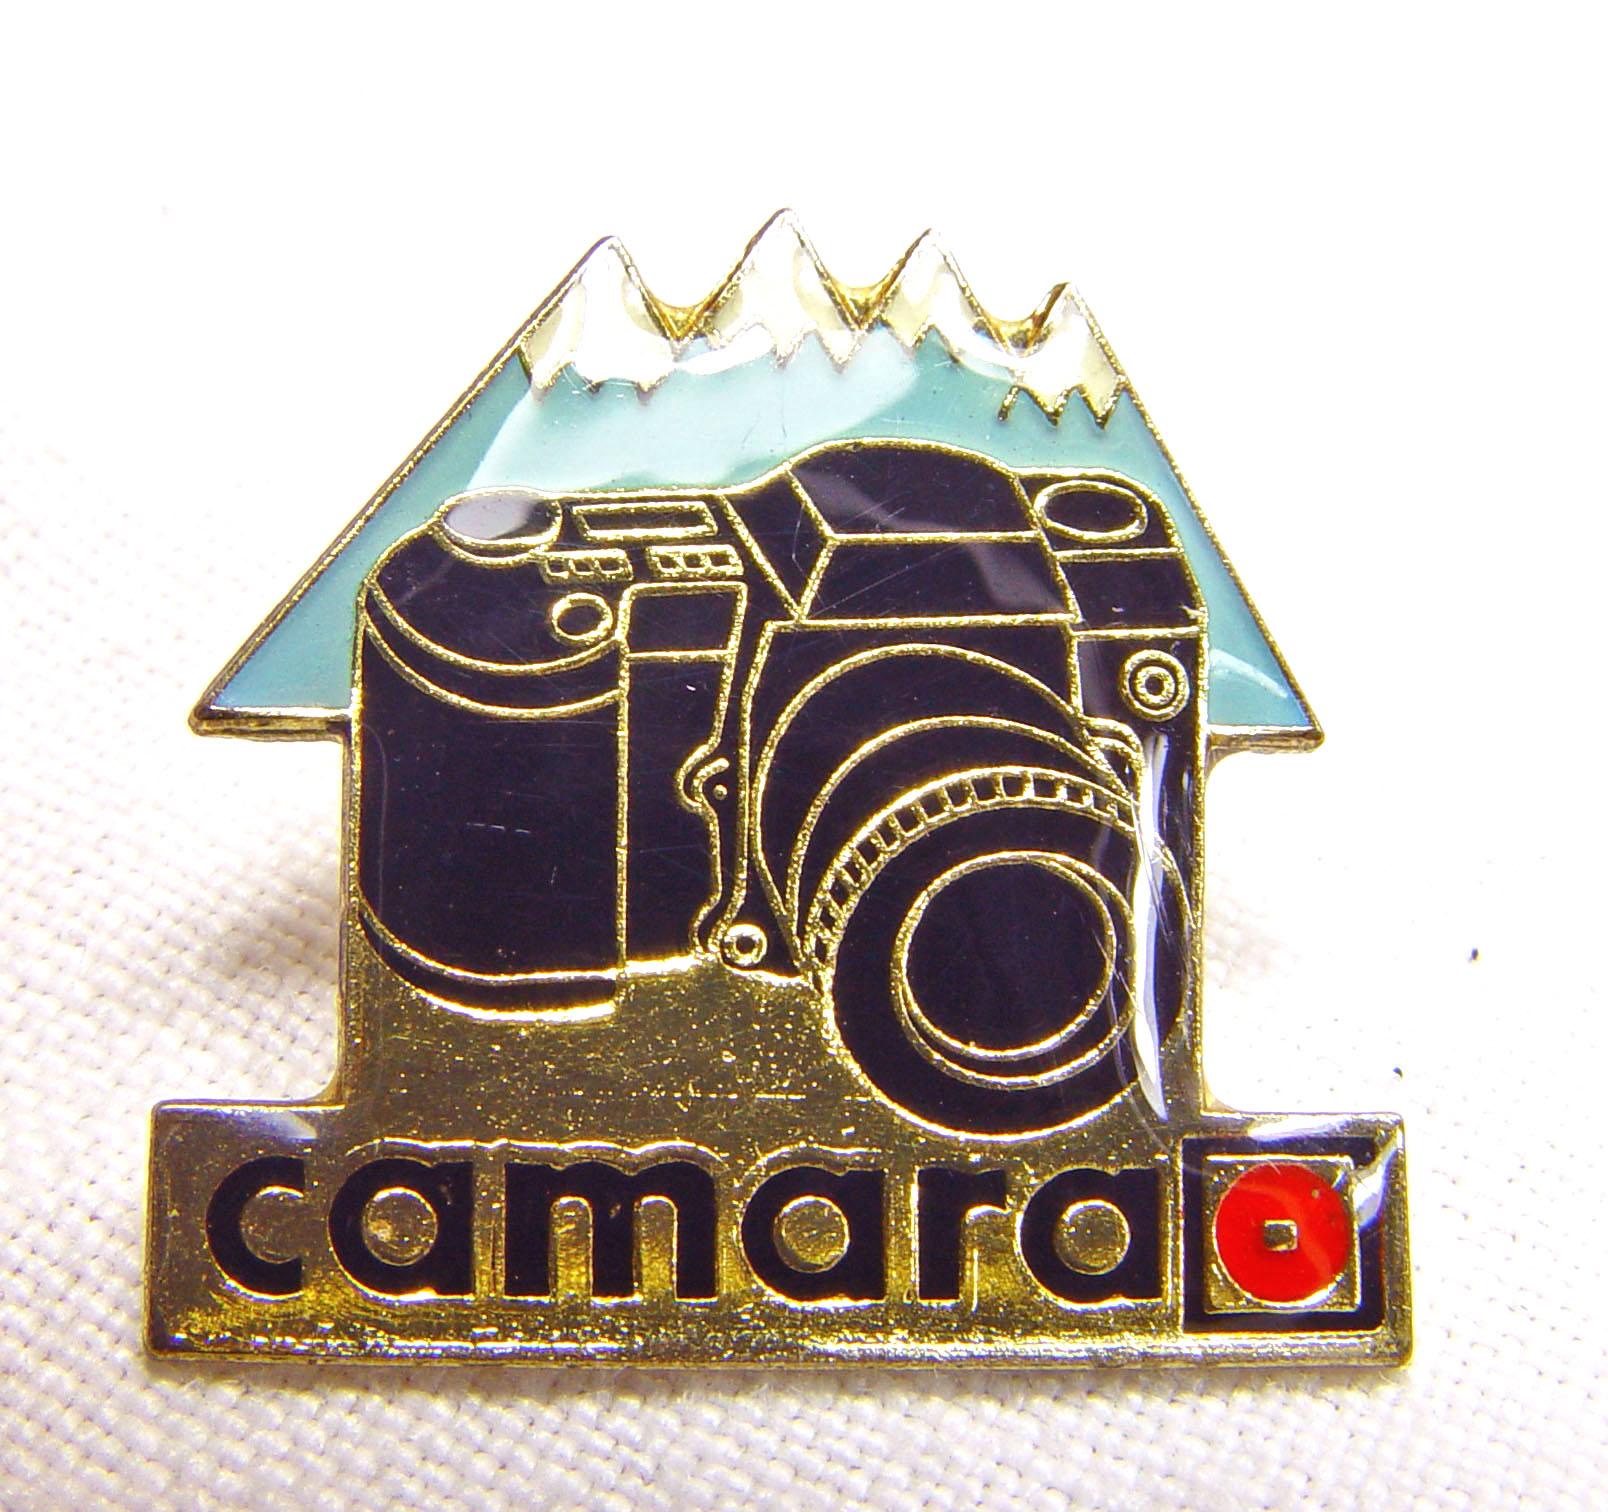 Wallpaper 2493-2  CAMARA  Pins  refmlex noir, collection AMI Appareils photos